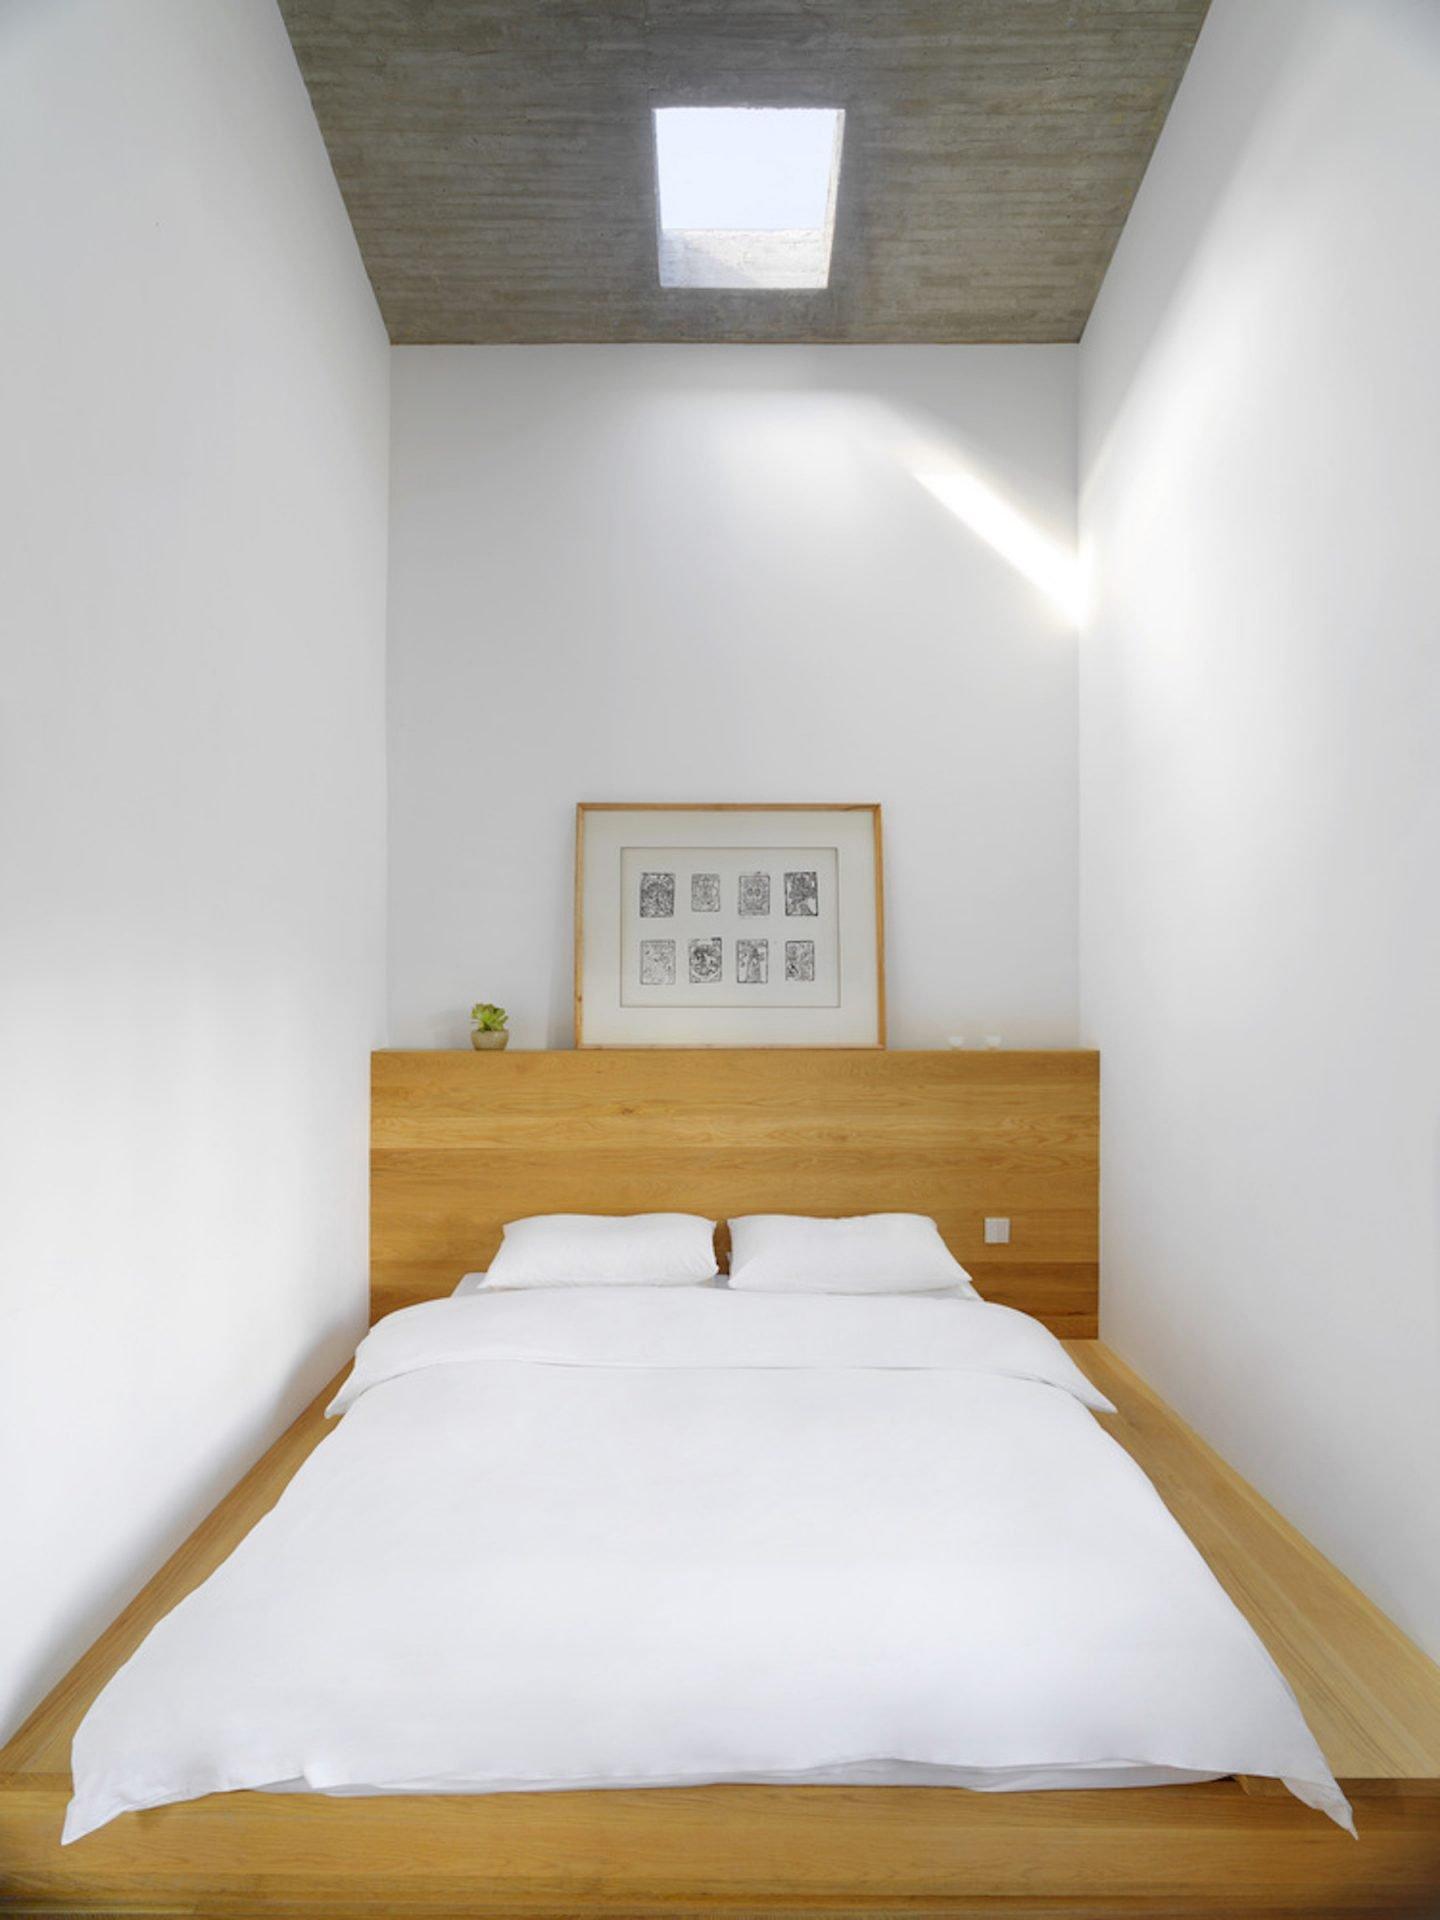 iGNANT-Architecture-Zhaoyang-Architects-Sunyata-Hotel-02